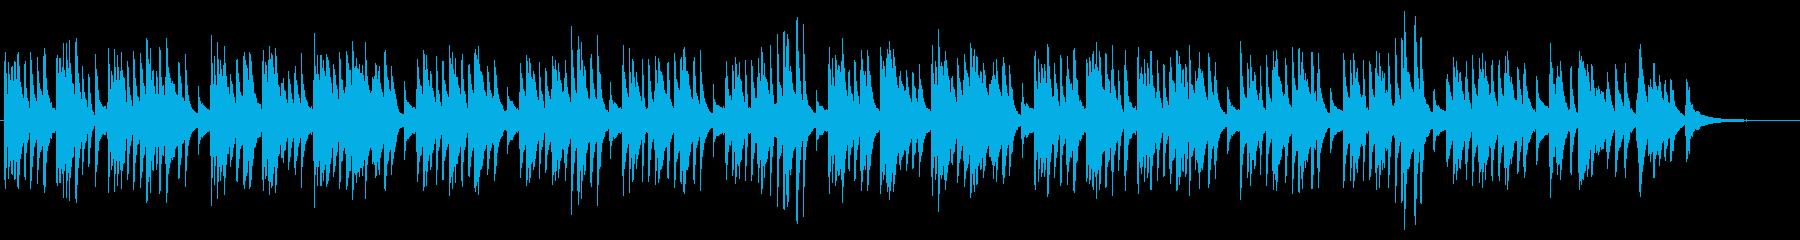 懐かしい和を感じさせるピアノソロBGMの再生済みの波形